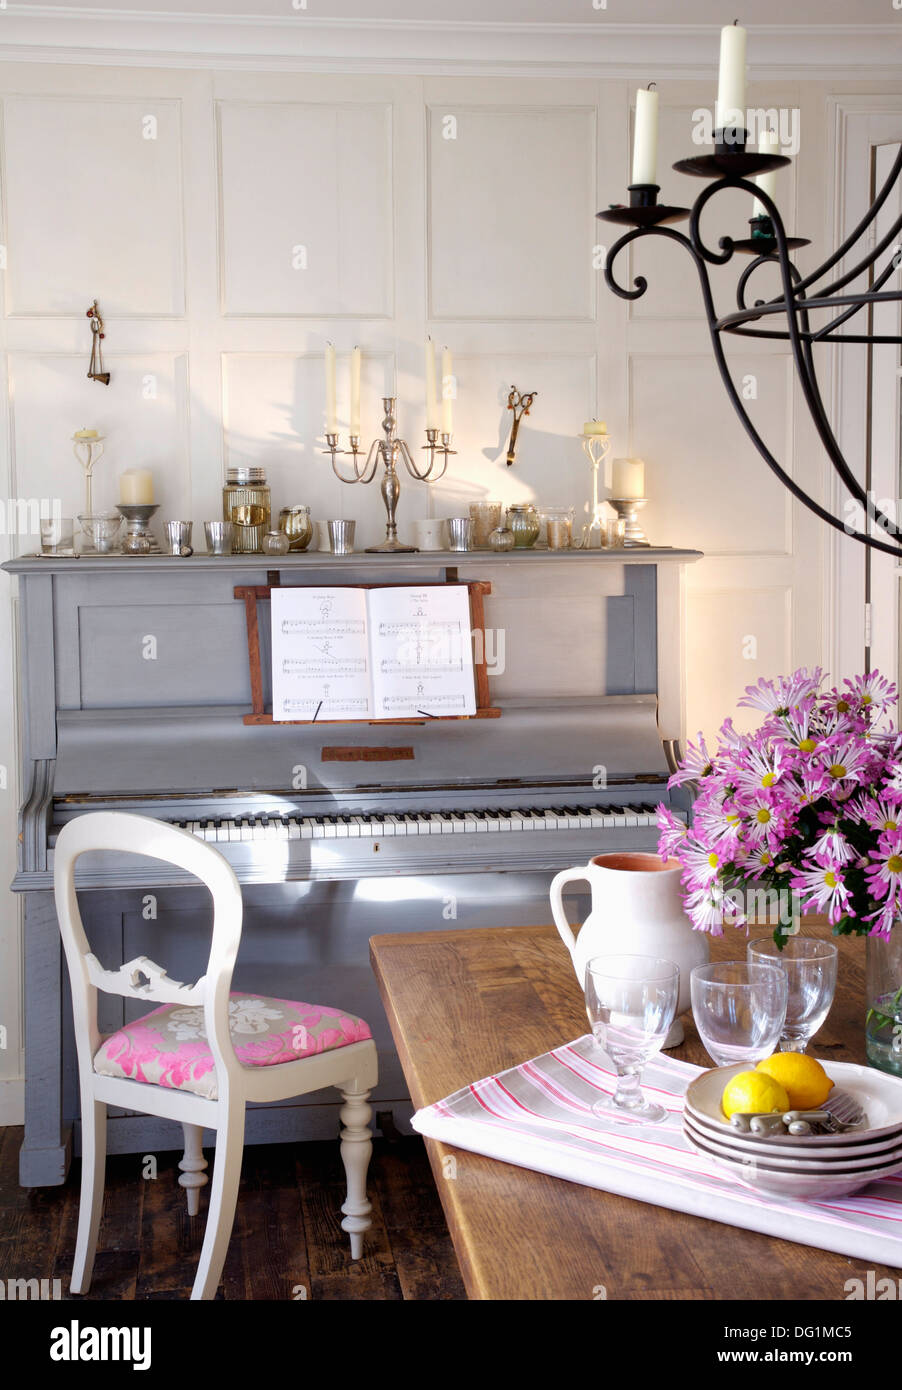 Weißer Stuhl Mit Rosa Sitz Neben Grau Lackiert Klavier In Weiß